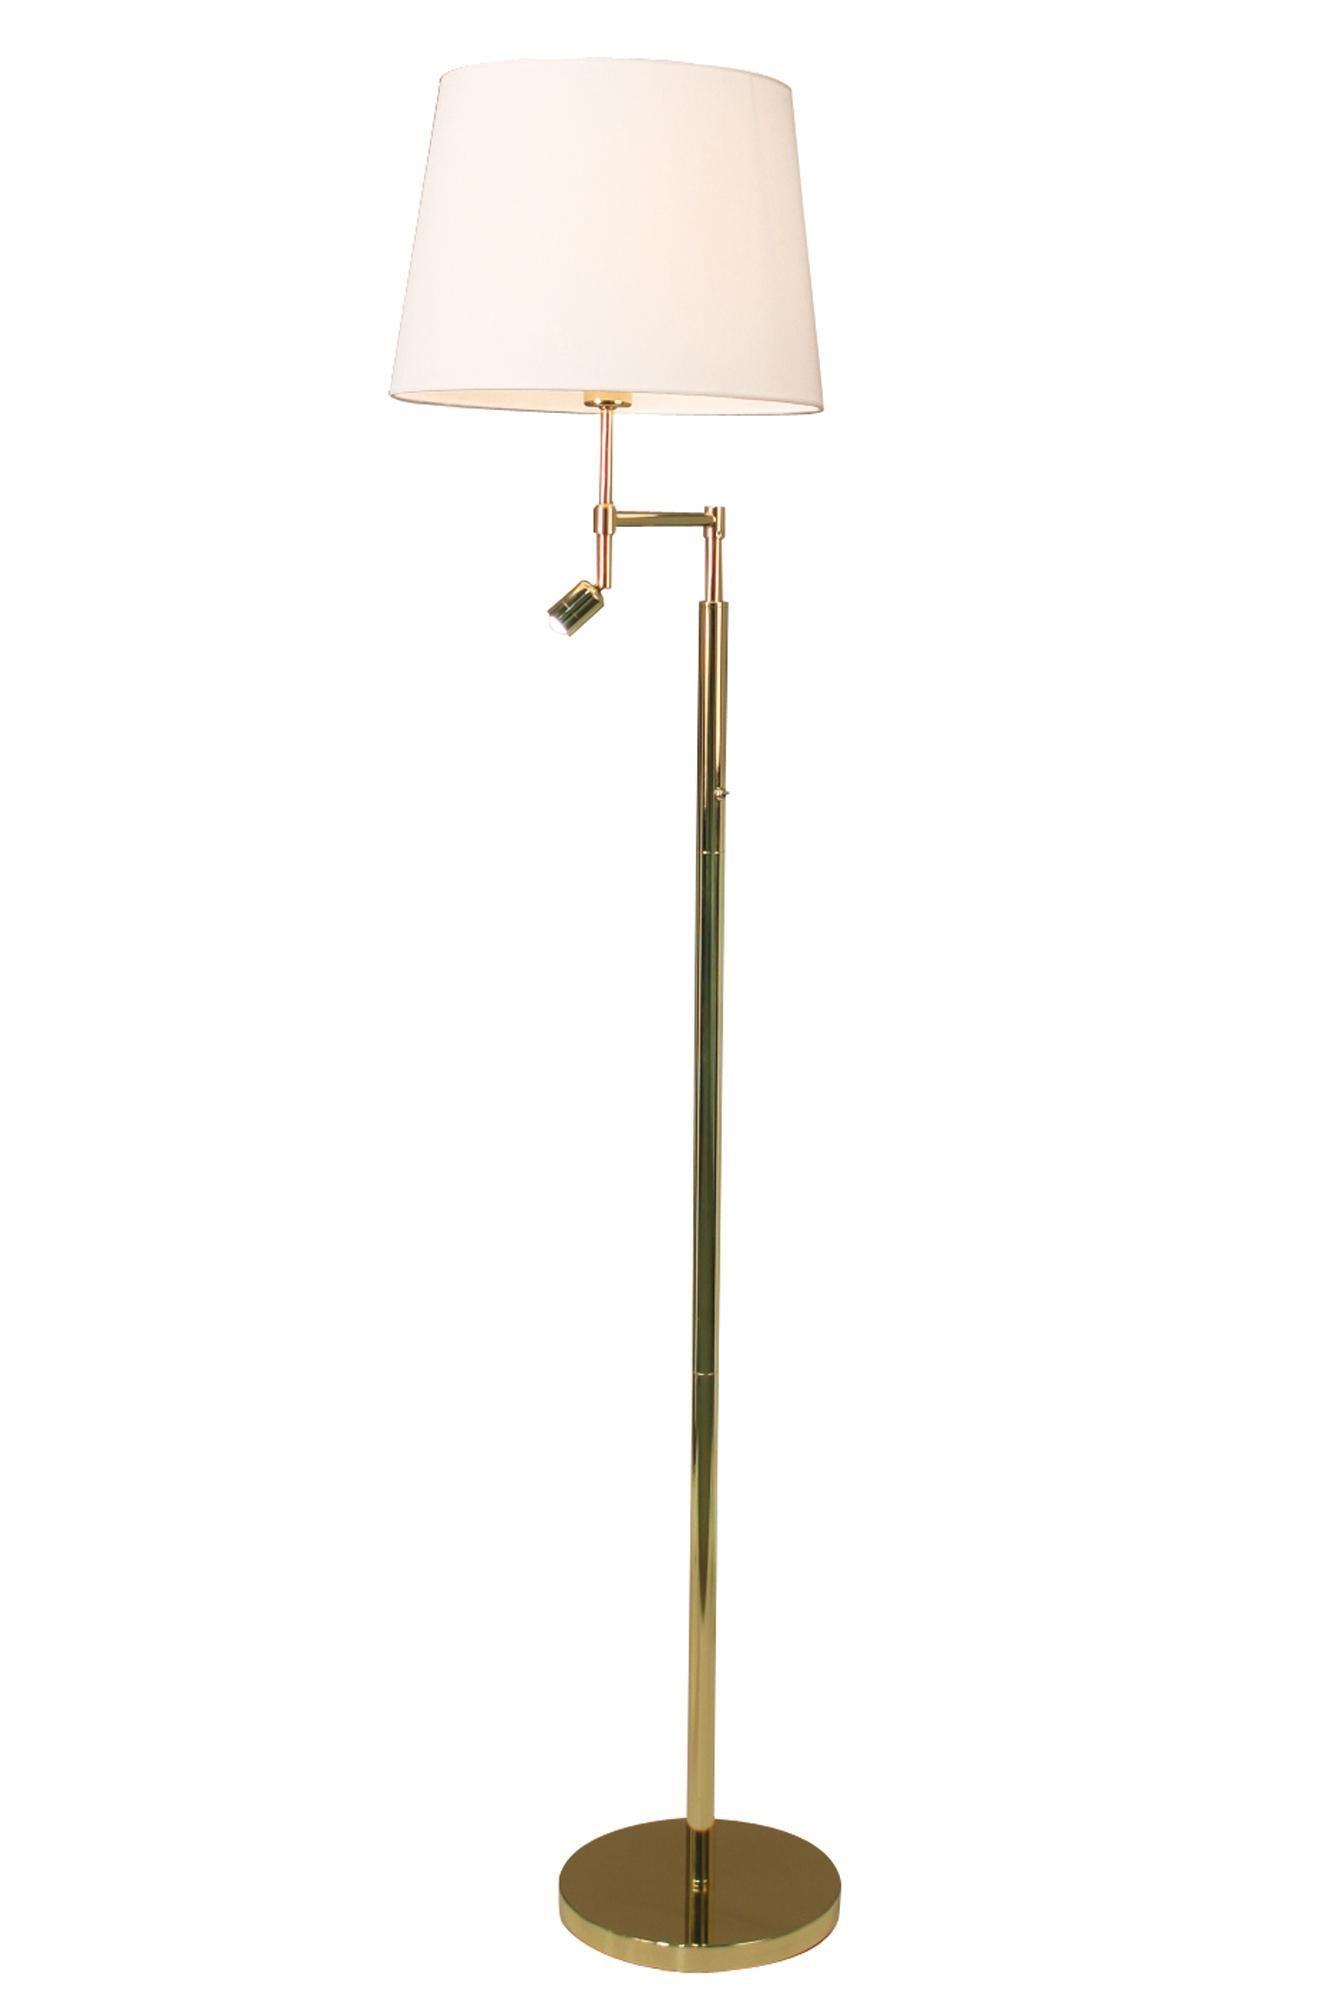 Lattiavalaisin metallia. LED 3W mukana. E27-lampunpidike, lamppu ei mukana. Erillinen katkaisin. Läpikuultava johto 200 cm.